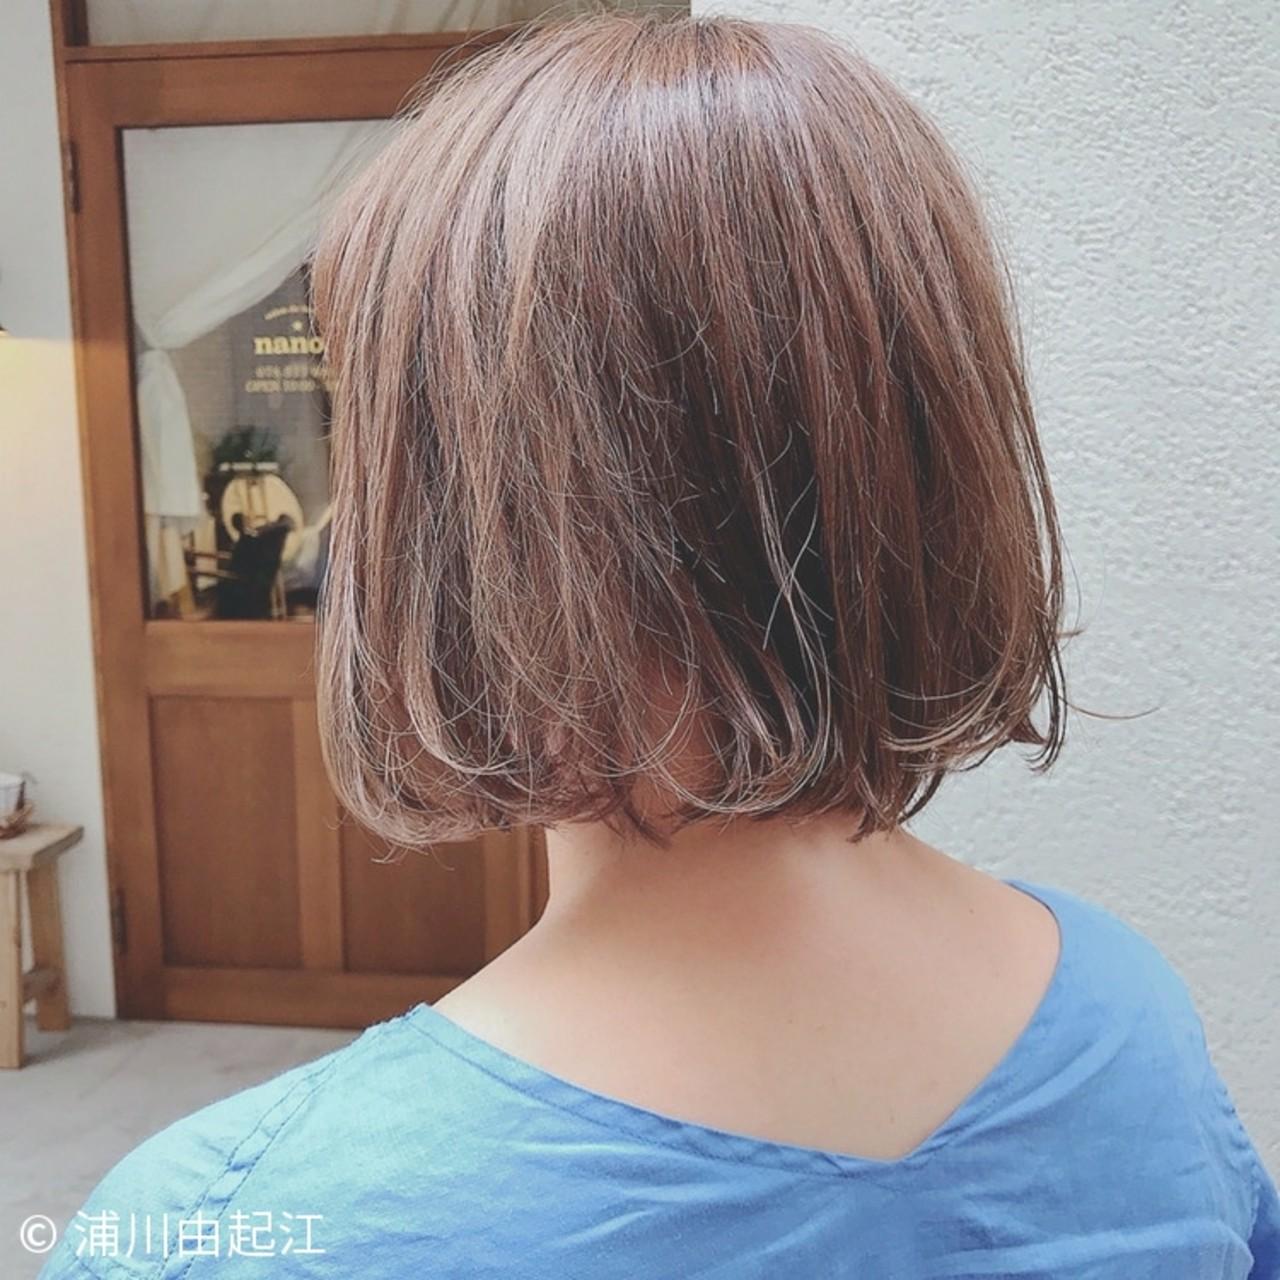 ナチュラル ゆるふわ ボブ ハイライト ヘアスタイルや髪型の写真・画像   浦川由起江 / nanon